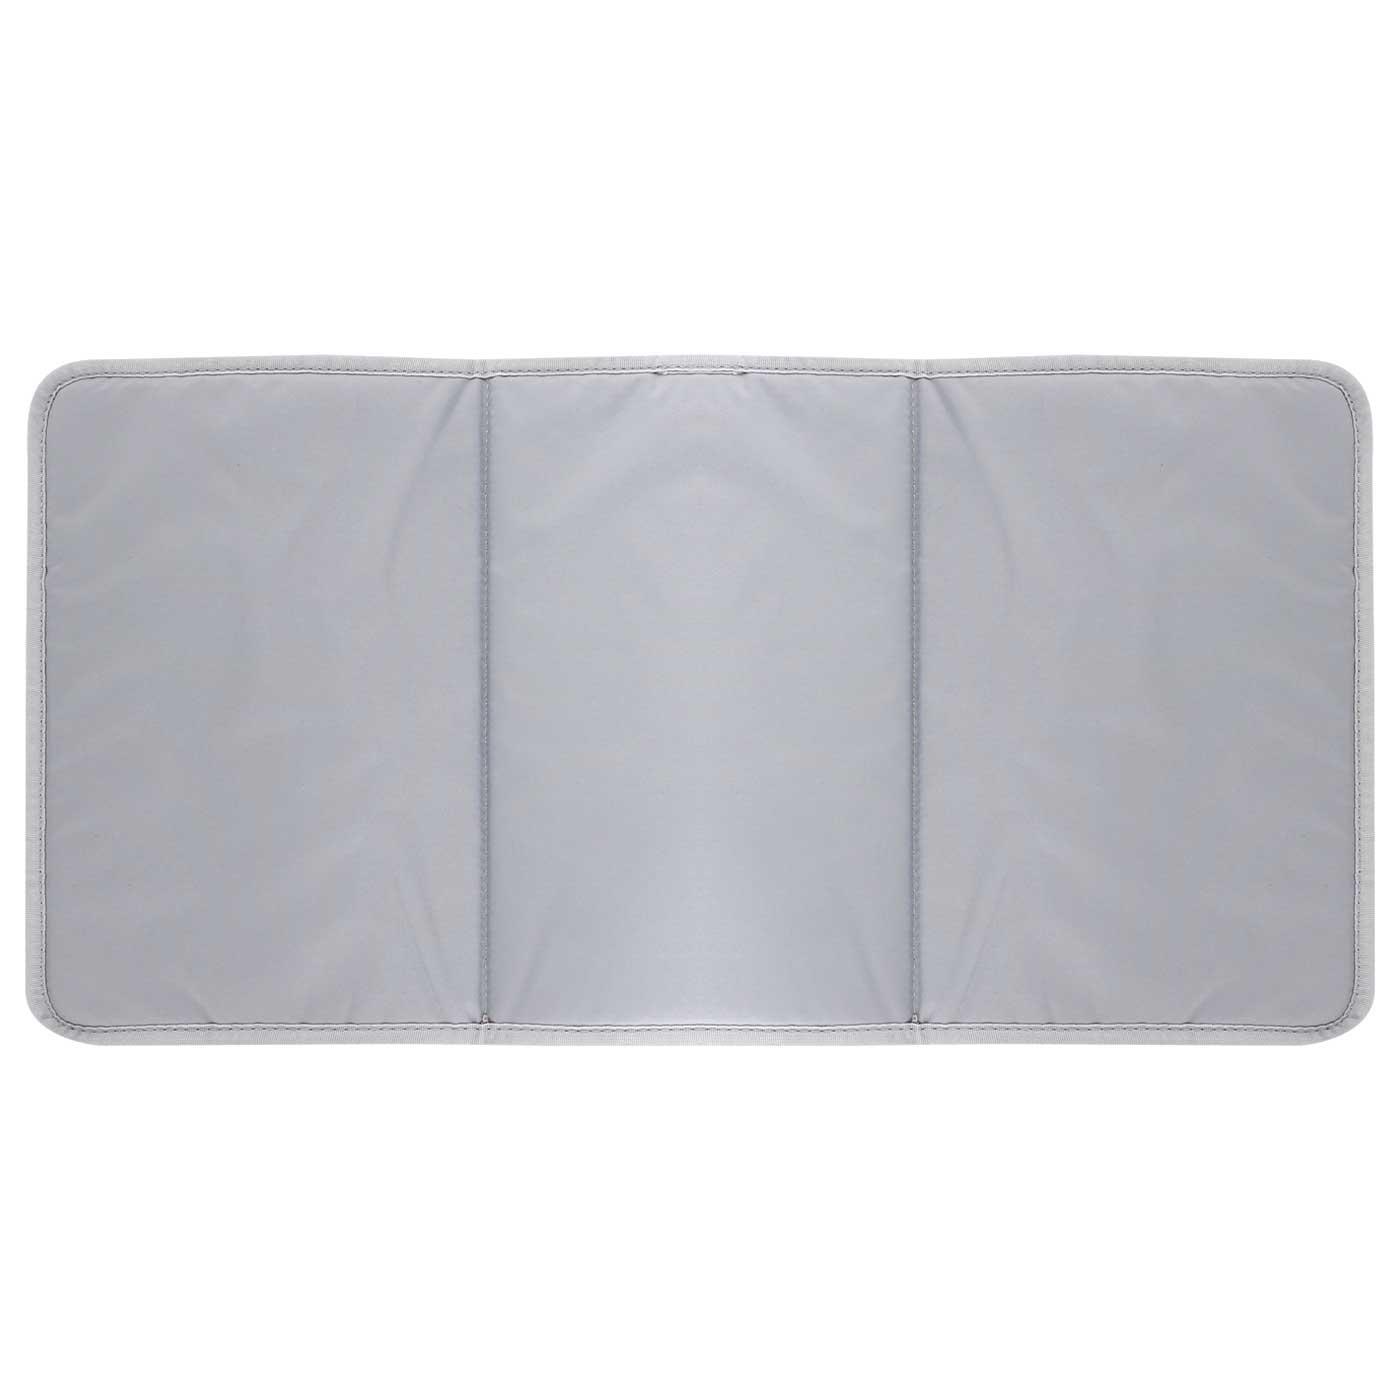 Skiphop Diaper Tote Bag Fit All Access - Platinum/Coral 6